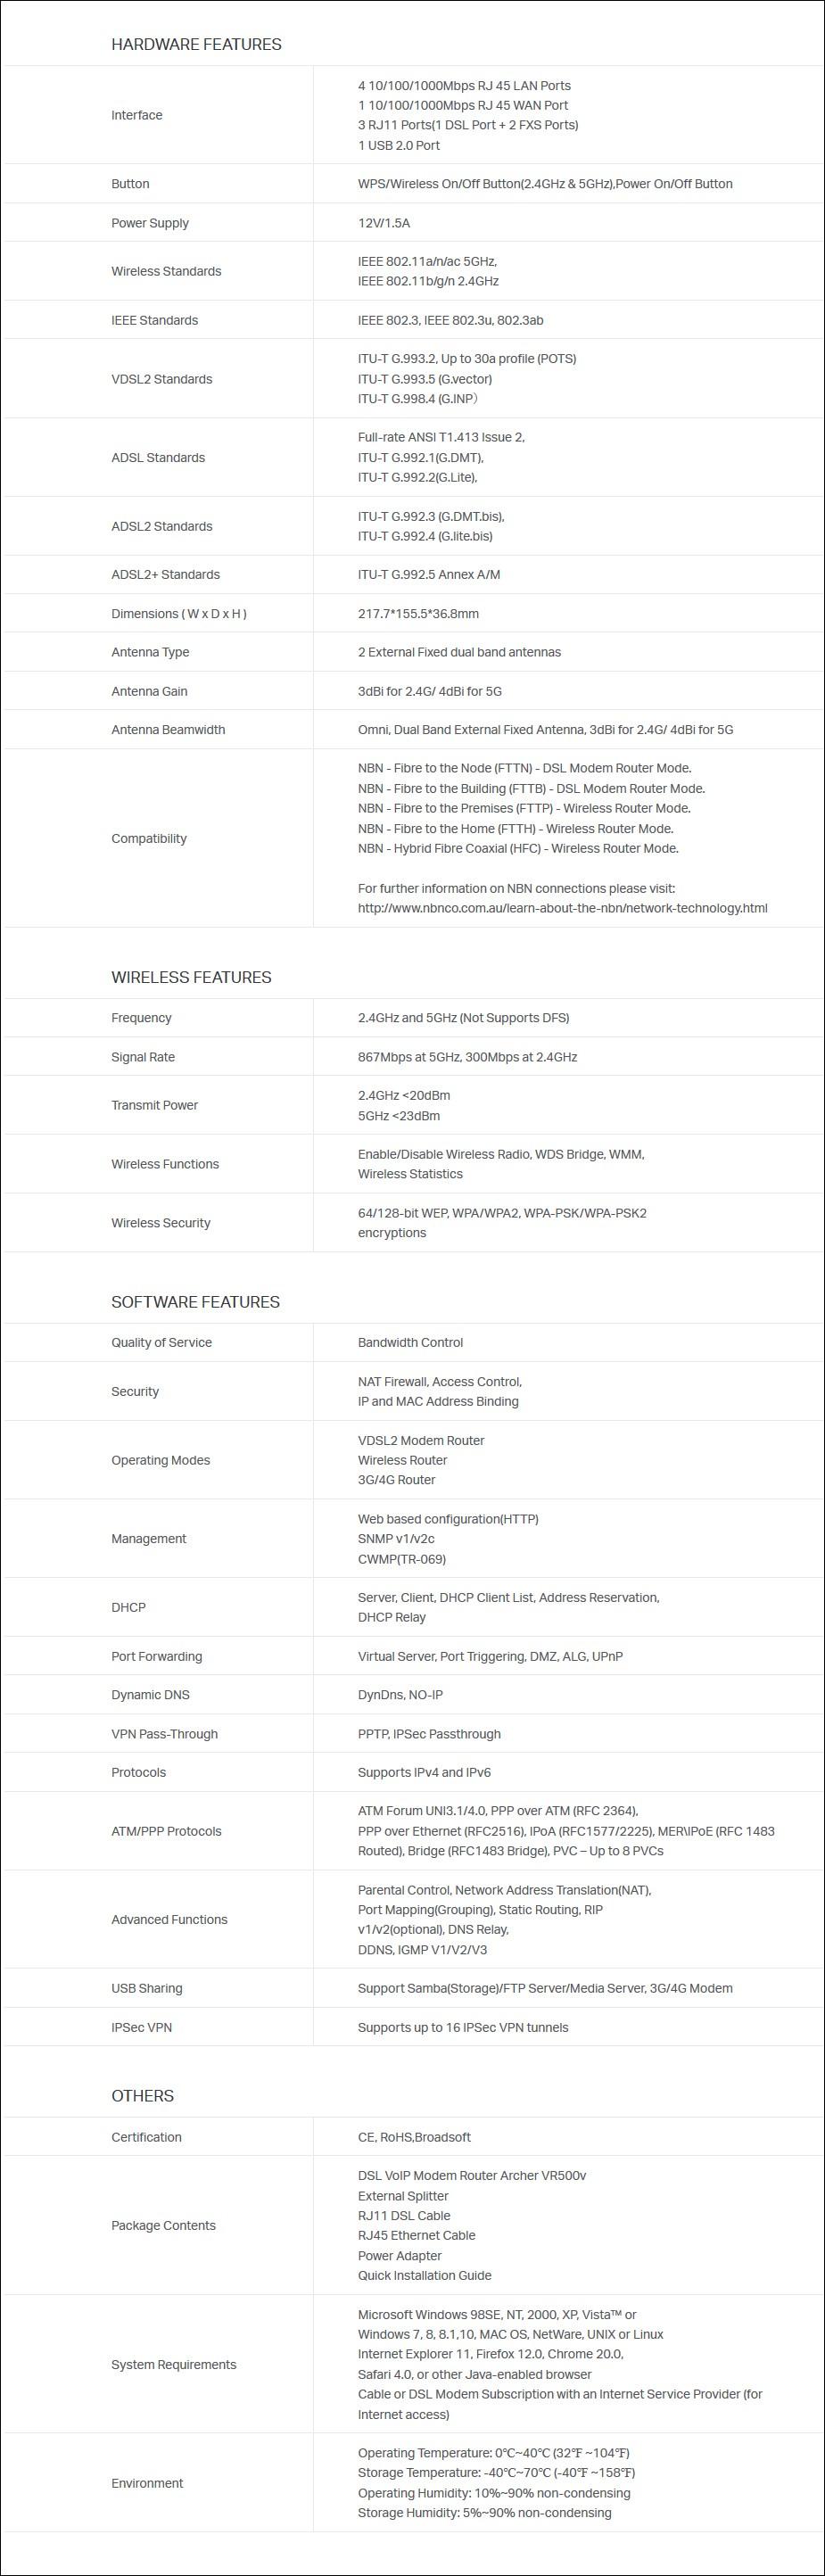 TP-Link Archer VR500v AC1200 Dual Band VoIP VDSL/ADSL Modem Router - Overview 2